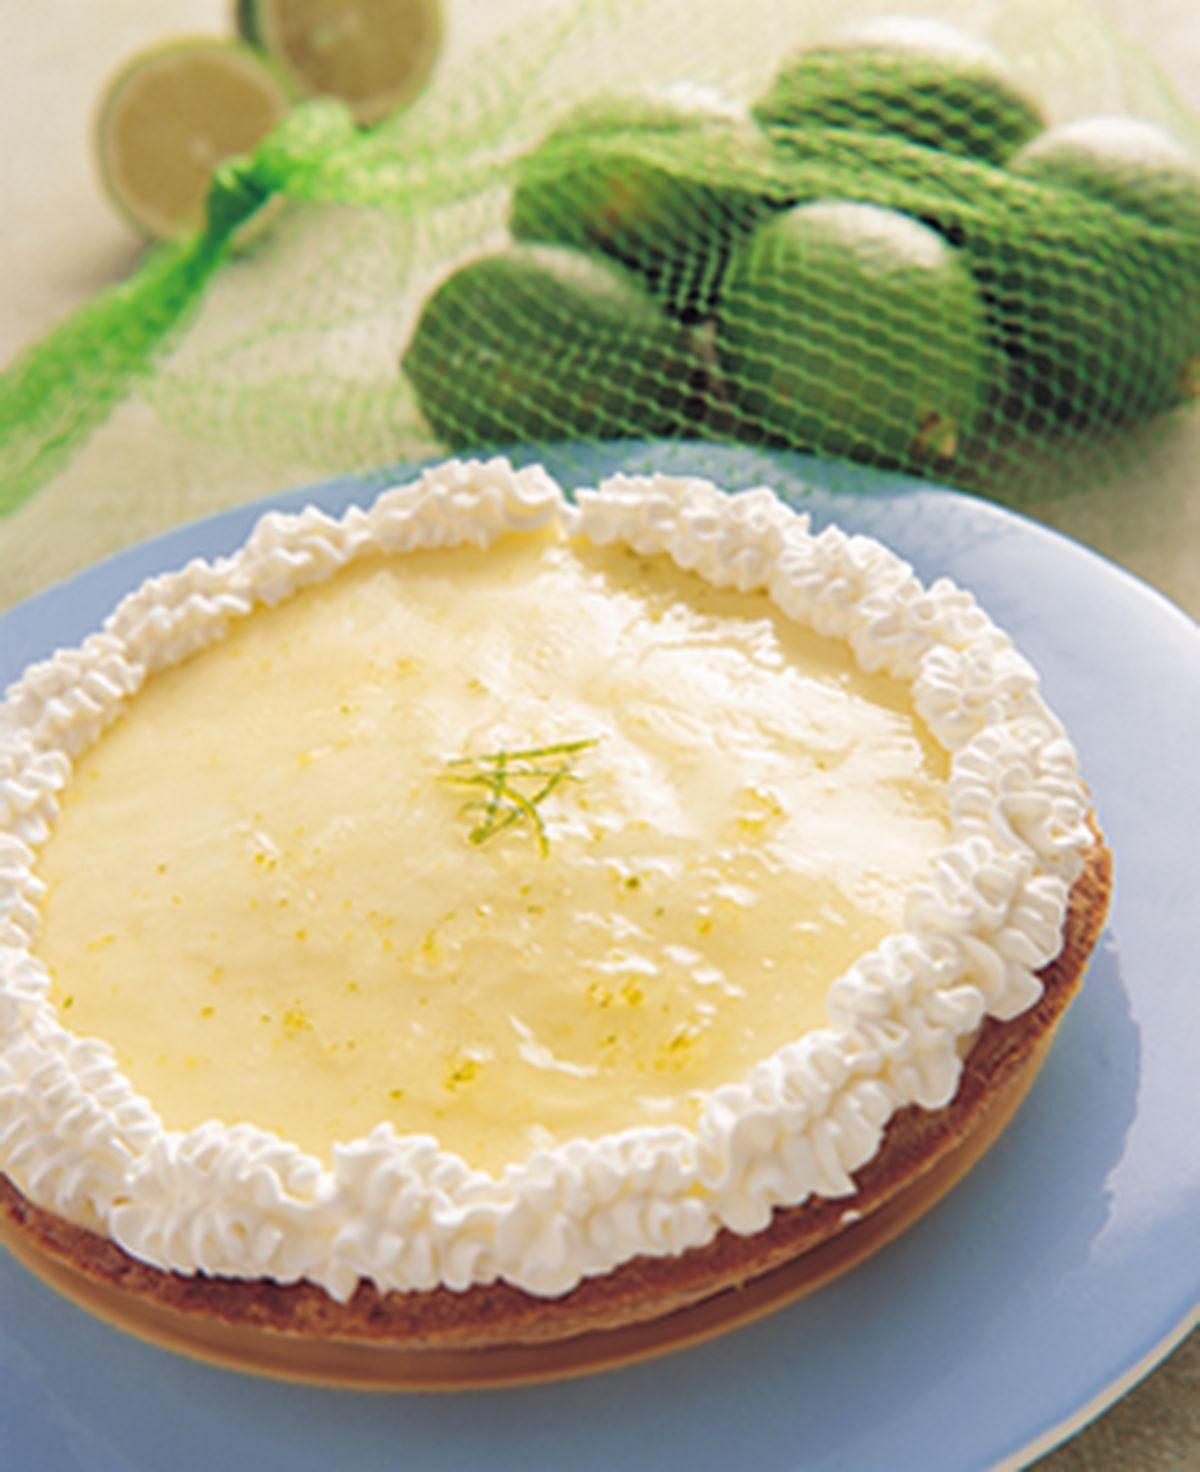 食譜:檸檬布丁派